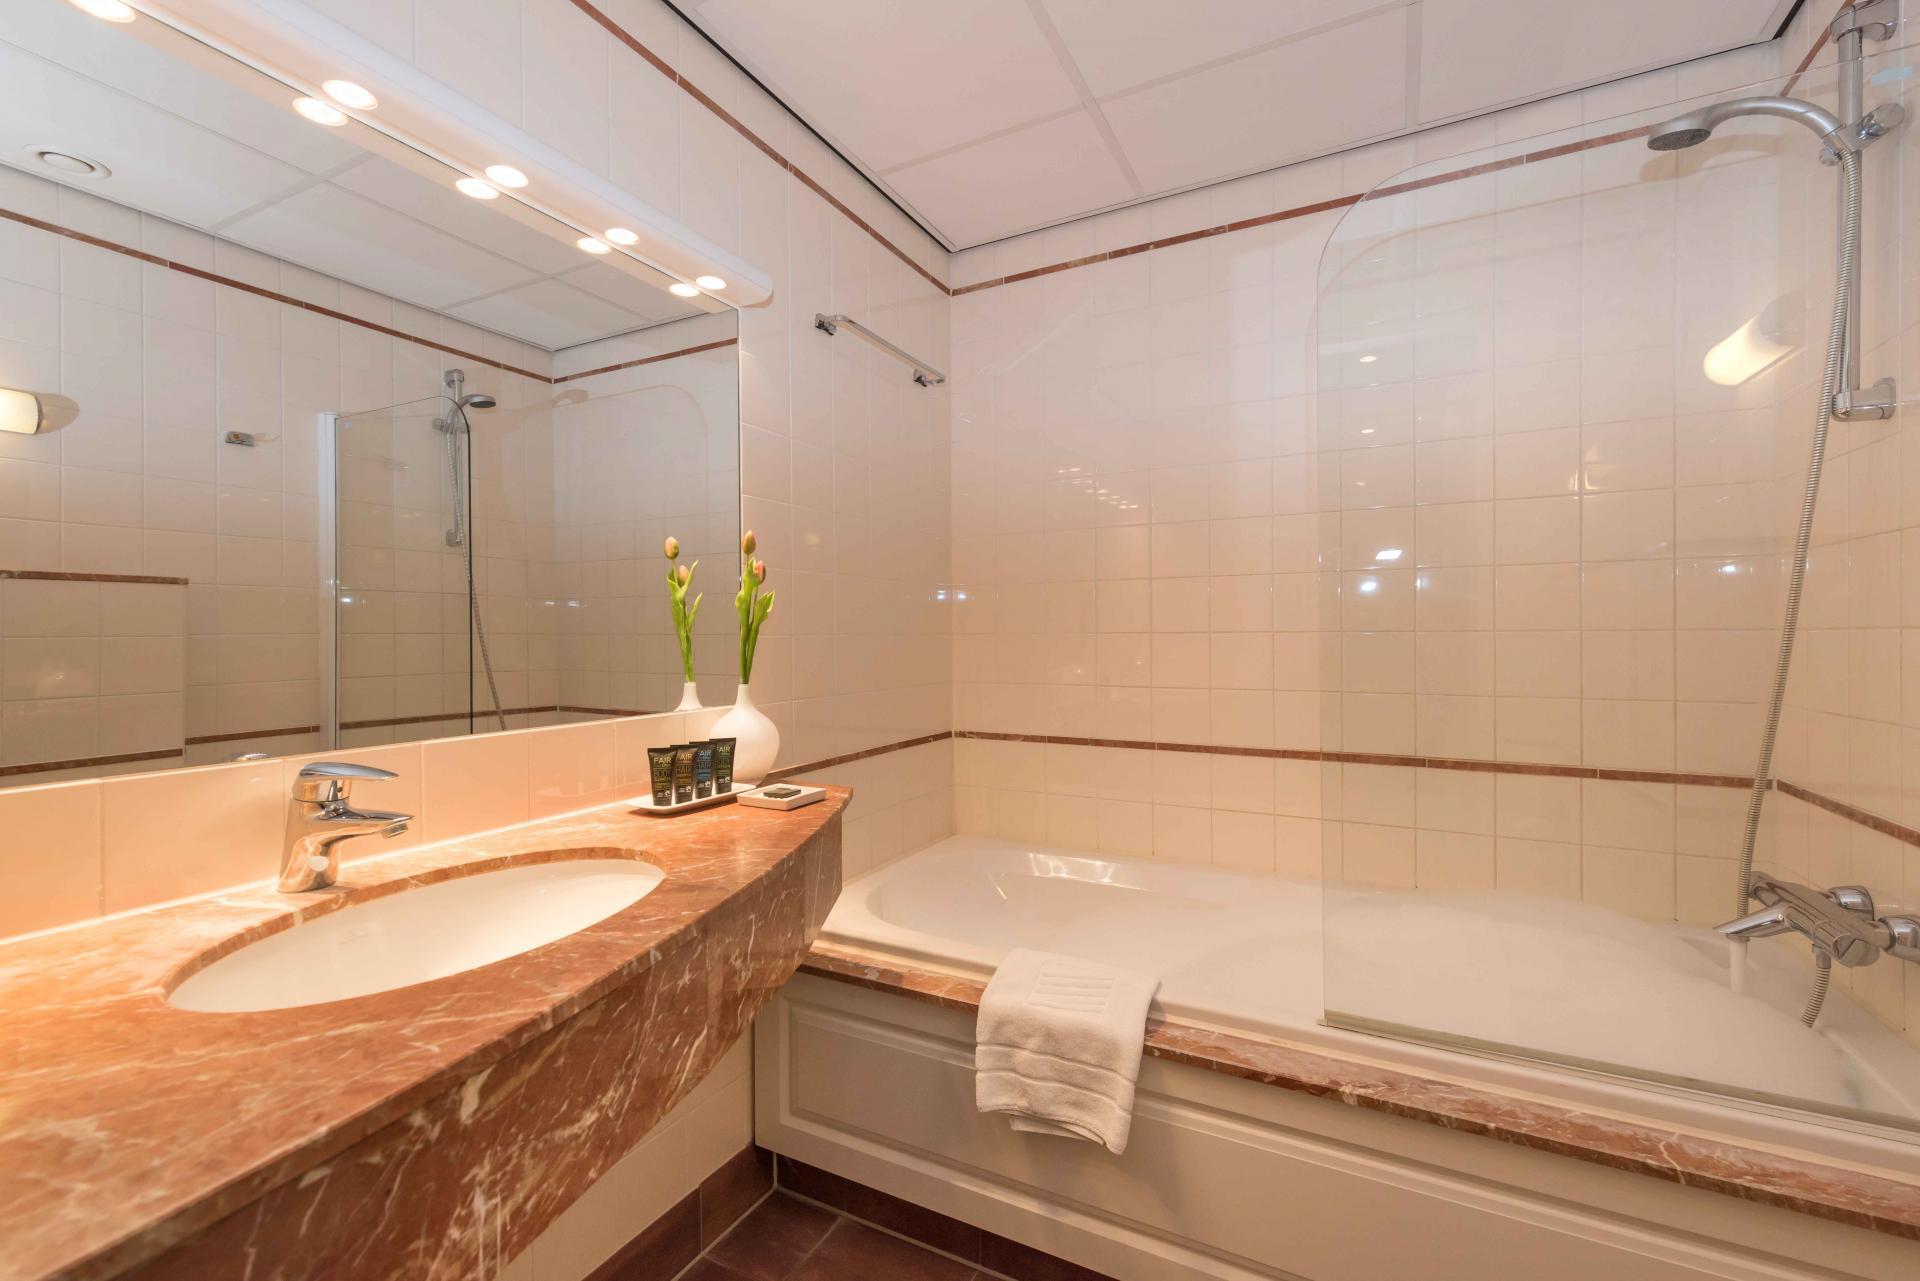 Bathroom at Htel Amstelveen, Amsterdam